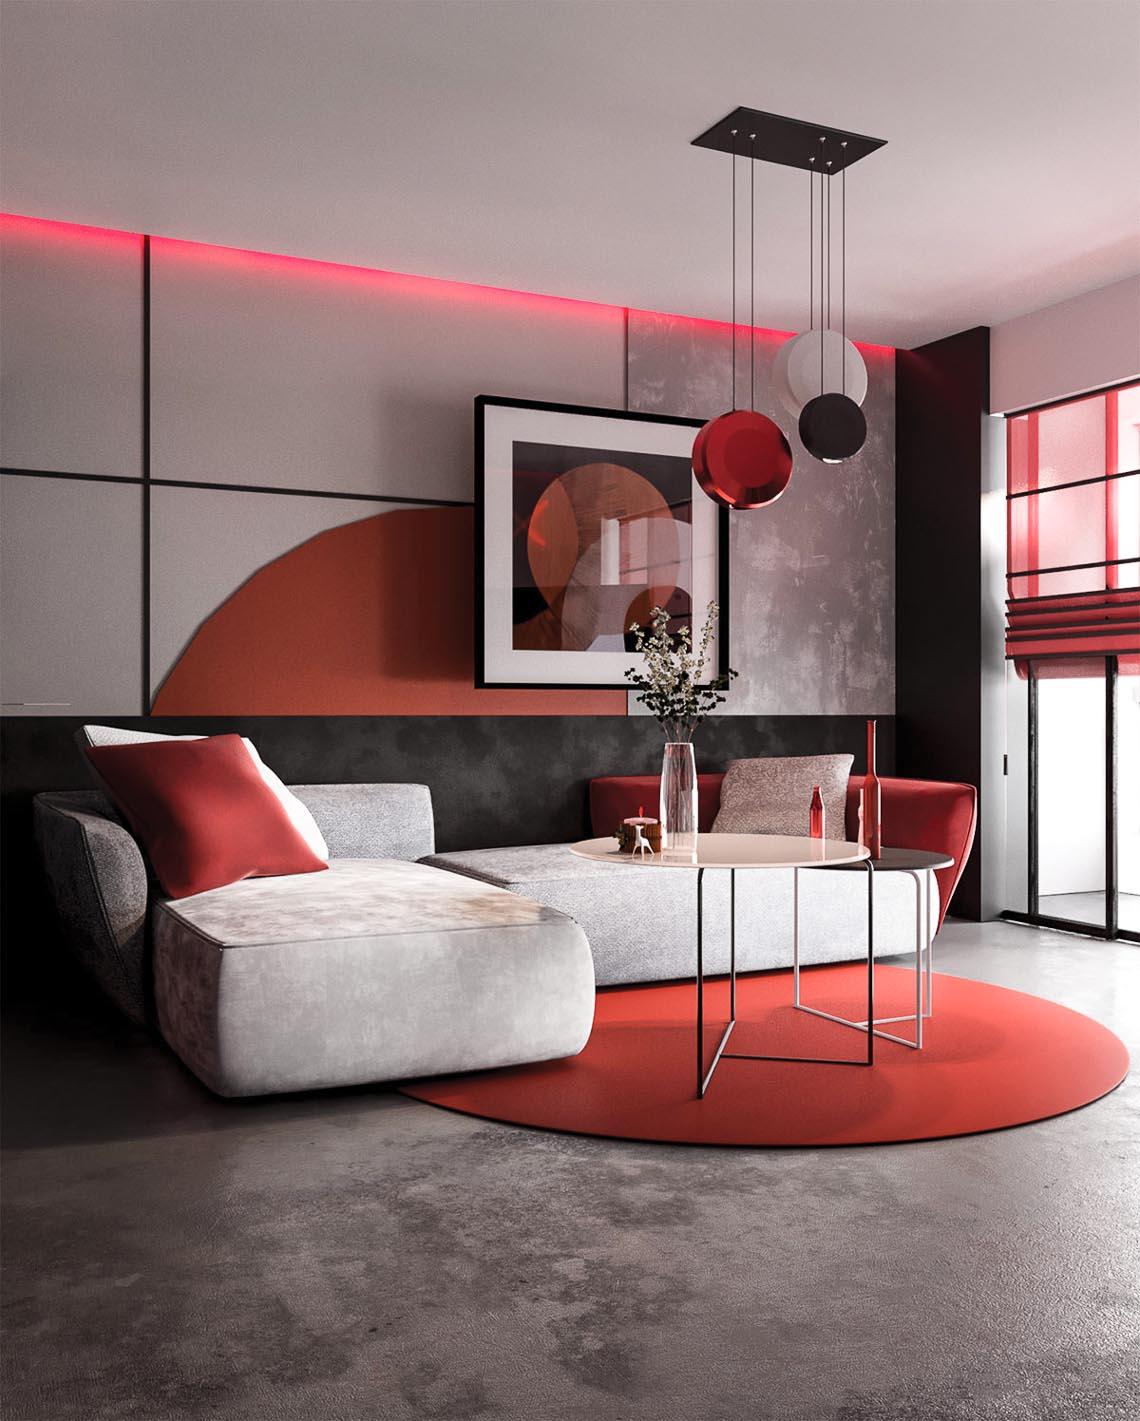 Thiết kế nội thất hiện đại với tông màu đỏ và xám theo phong cách Nhật Bản-1